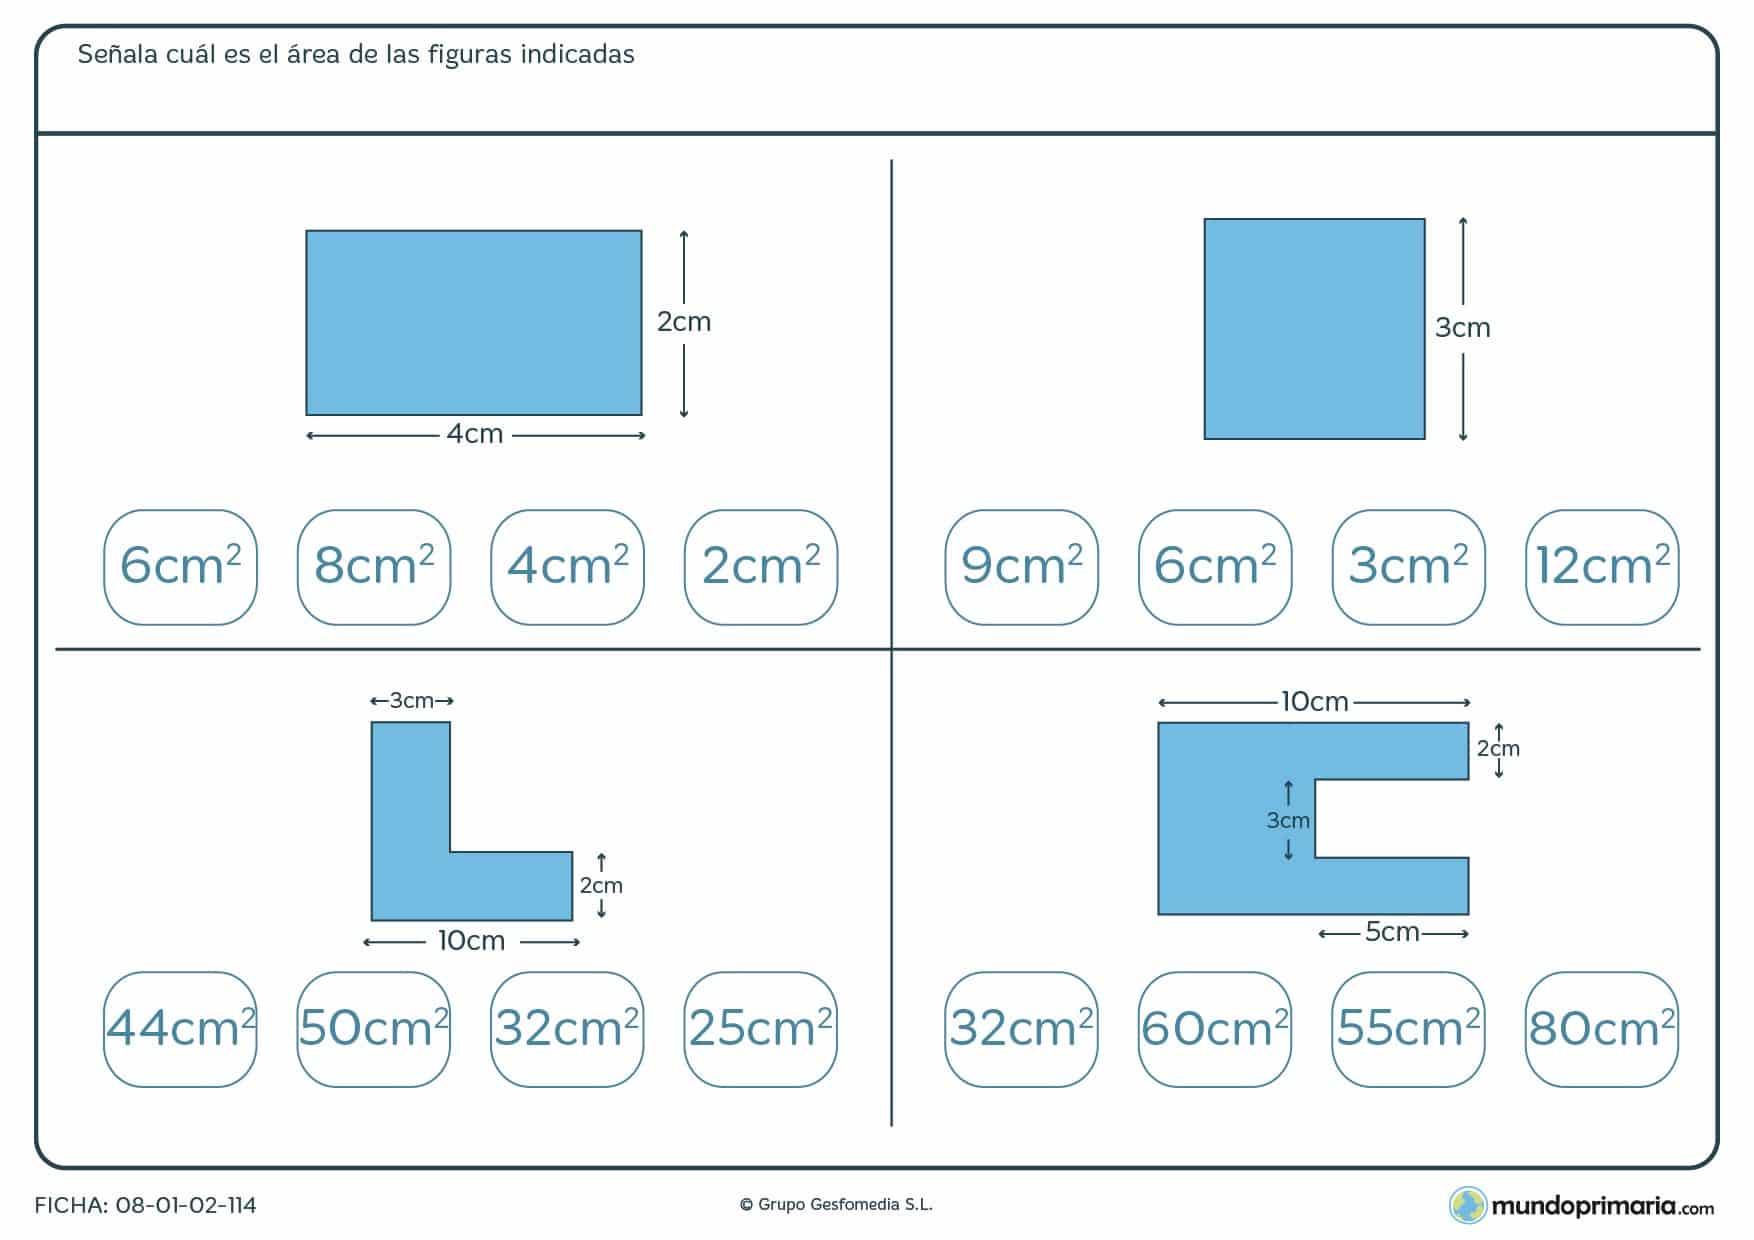 Ficha de área de figuras geométricas que tienes que resolver con los datos que te facilitamos.